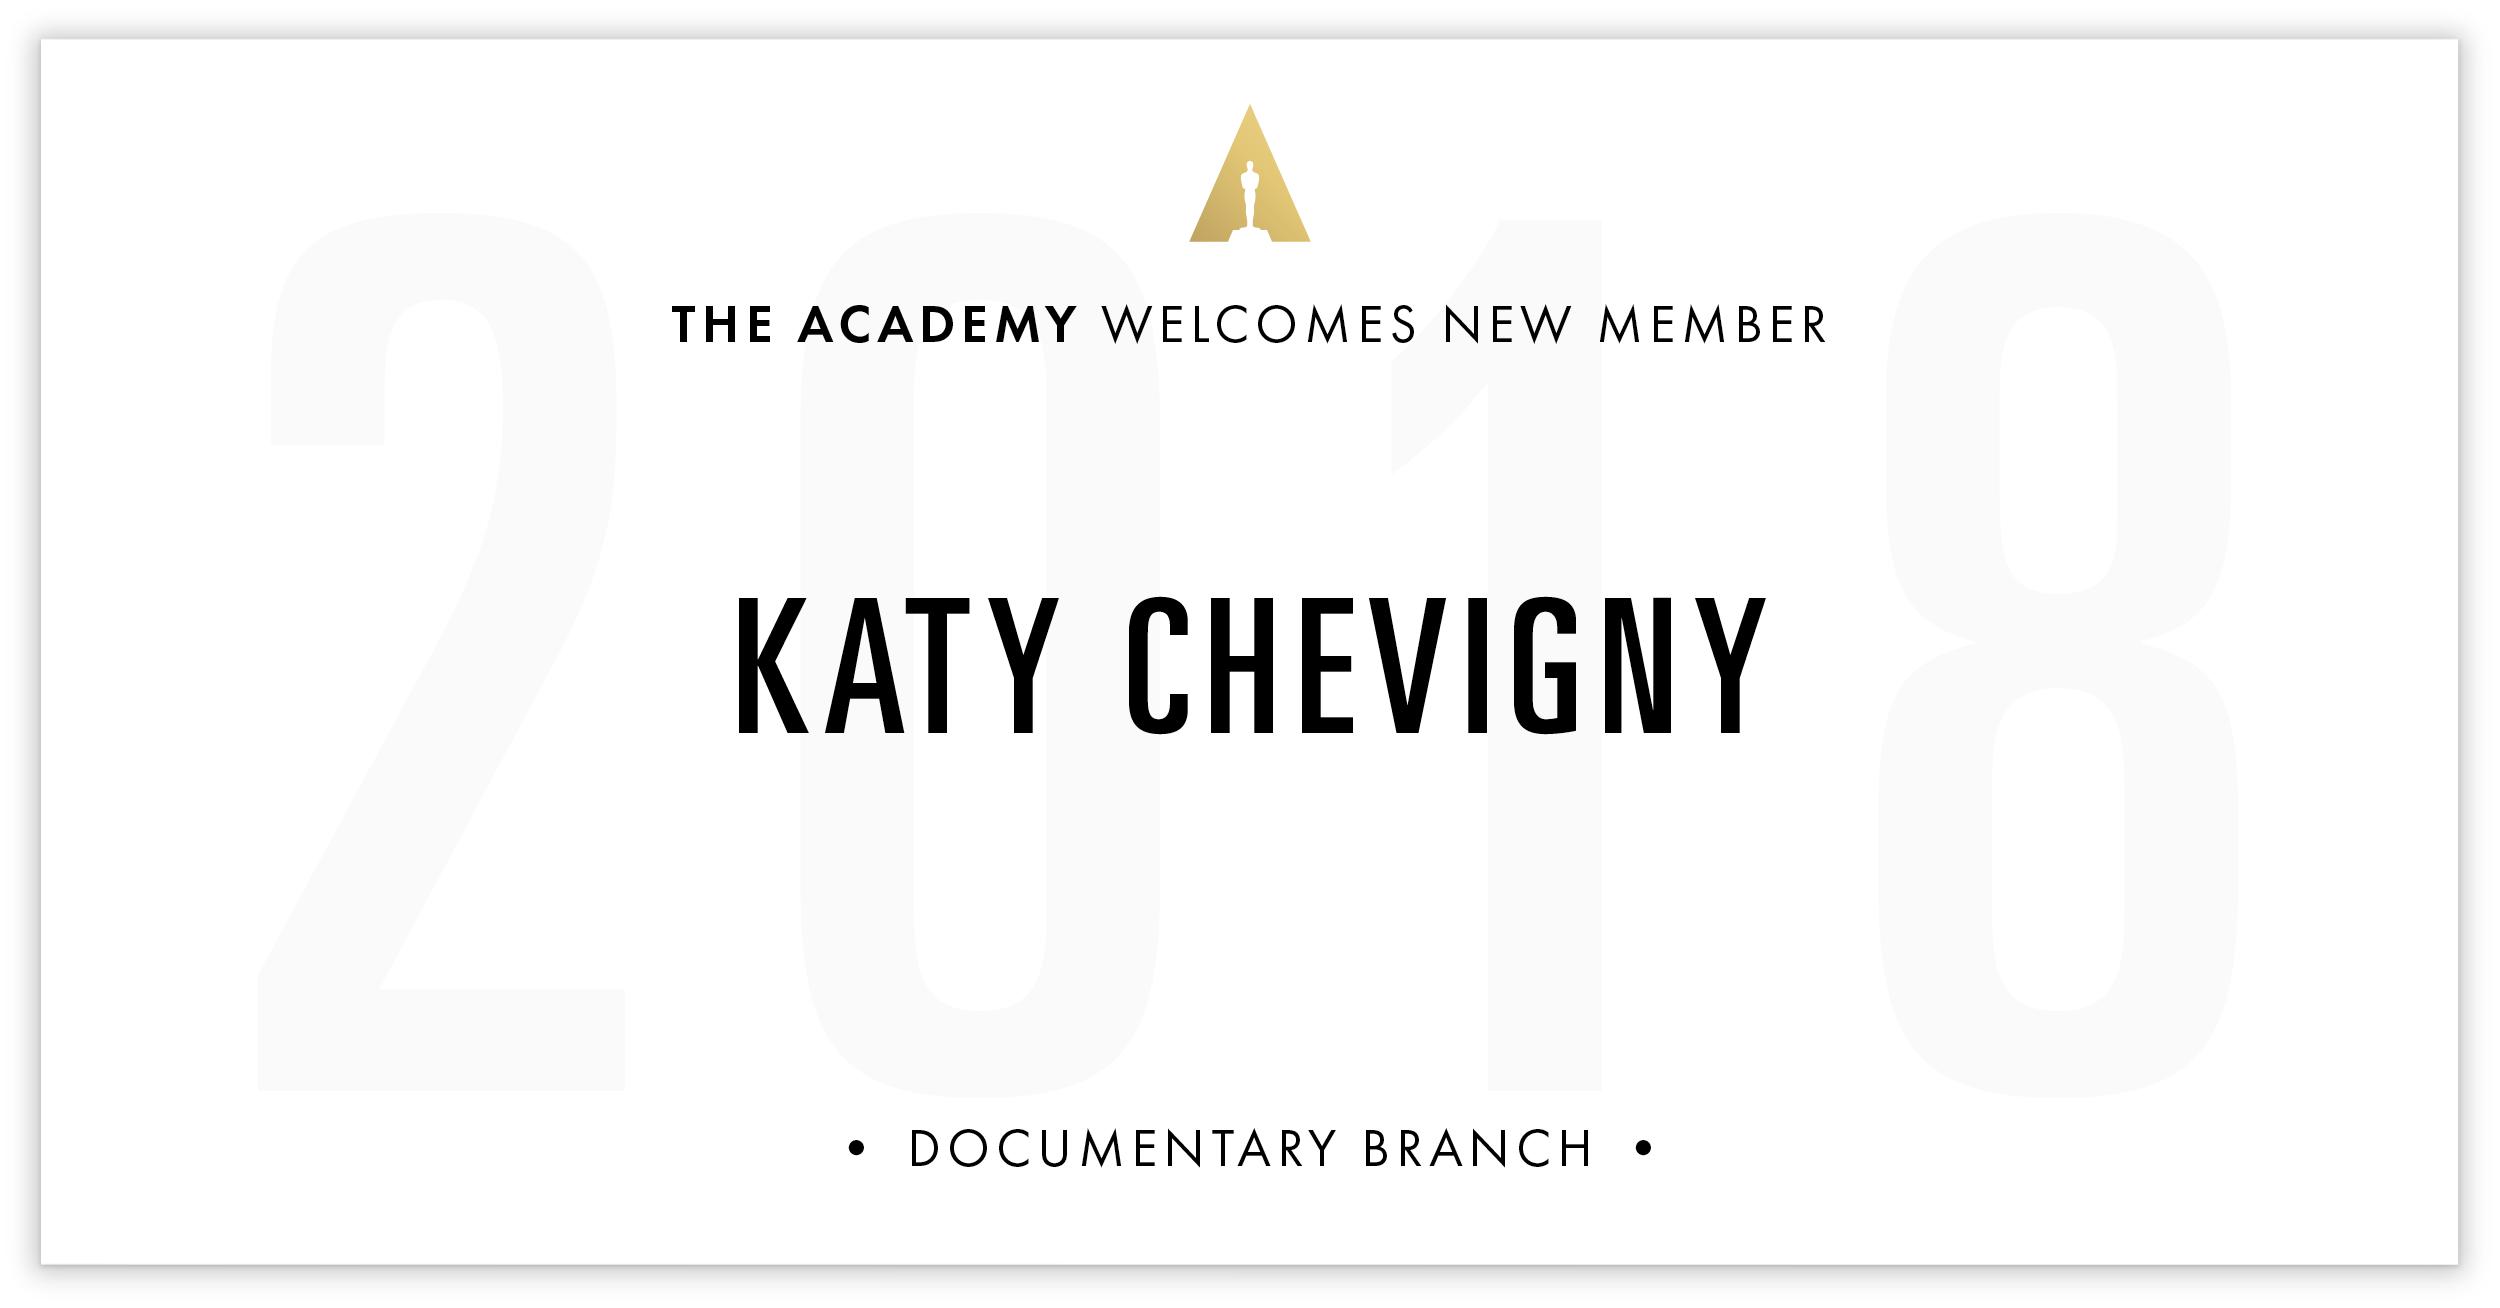 Katy Chevigny is invited!